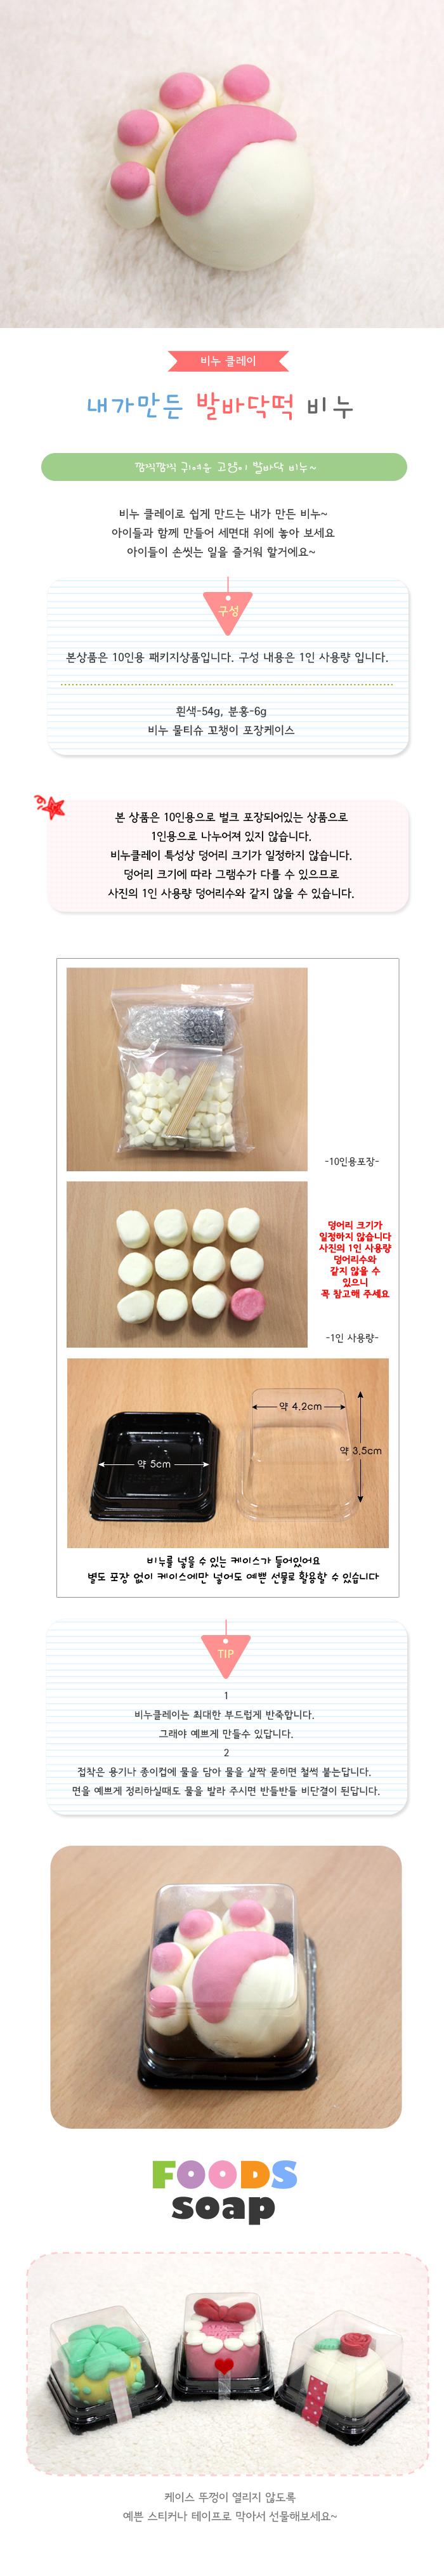 비누클레이-발바닥떡비누(10인용) - 에코키즈, 22,000원, 비누공예, 비누공예패키지